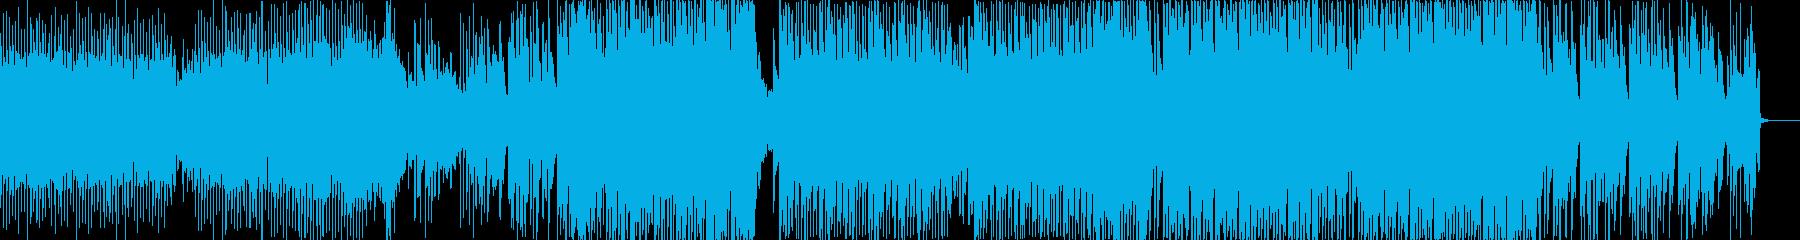 不気味なジャングルテラー、EDMの再生済みの波形